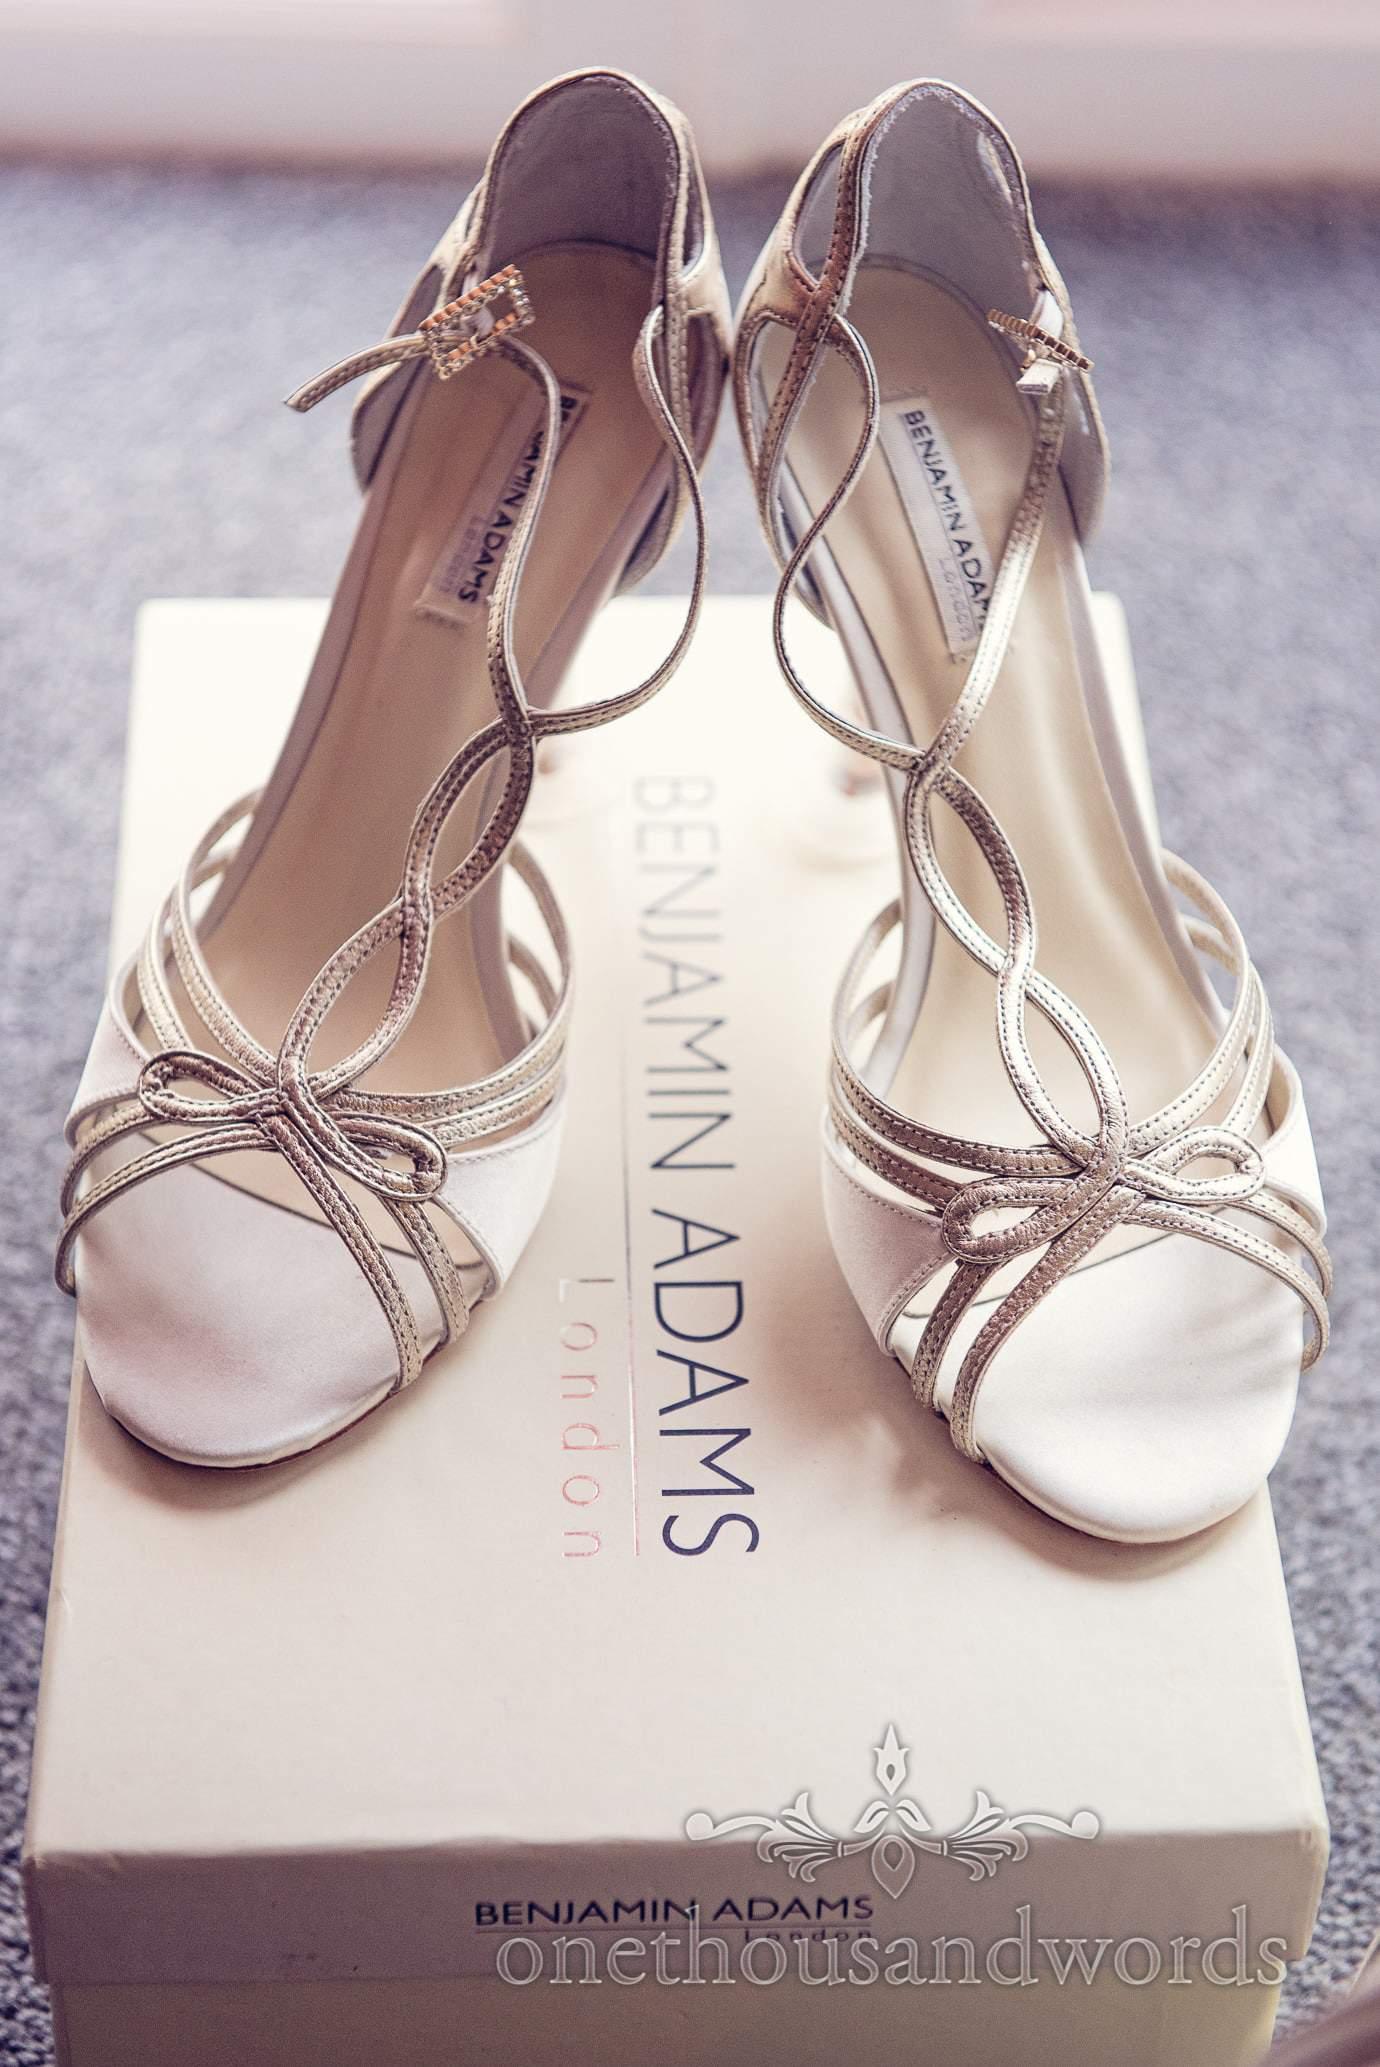 Benjamin Adams wedding shoes - Preston Designer Ivory Vintage